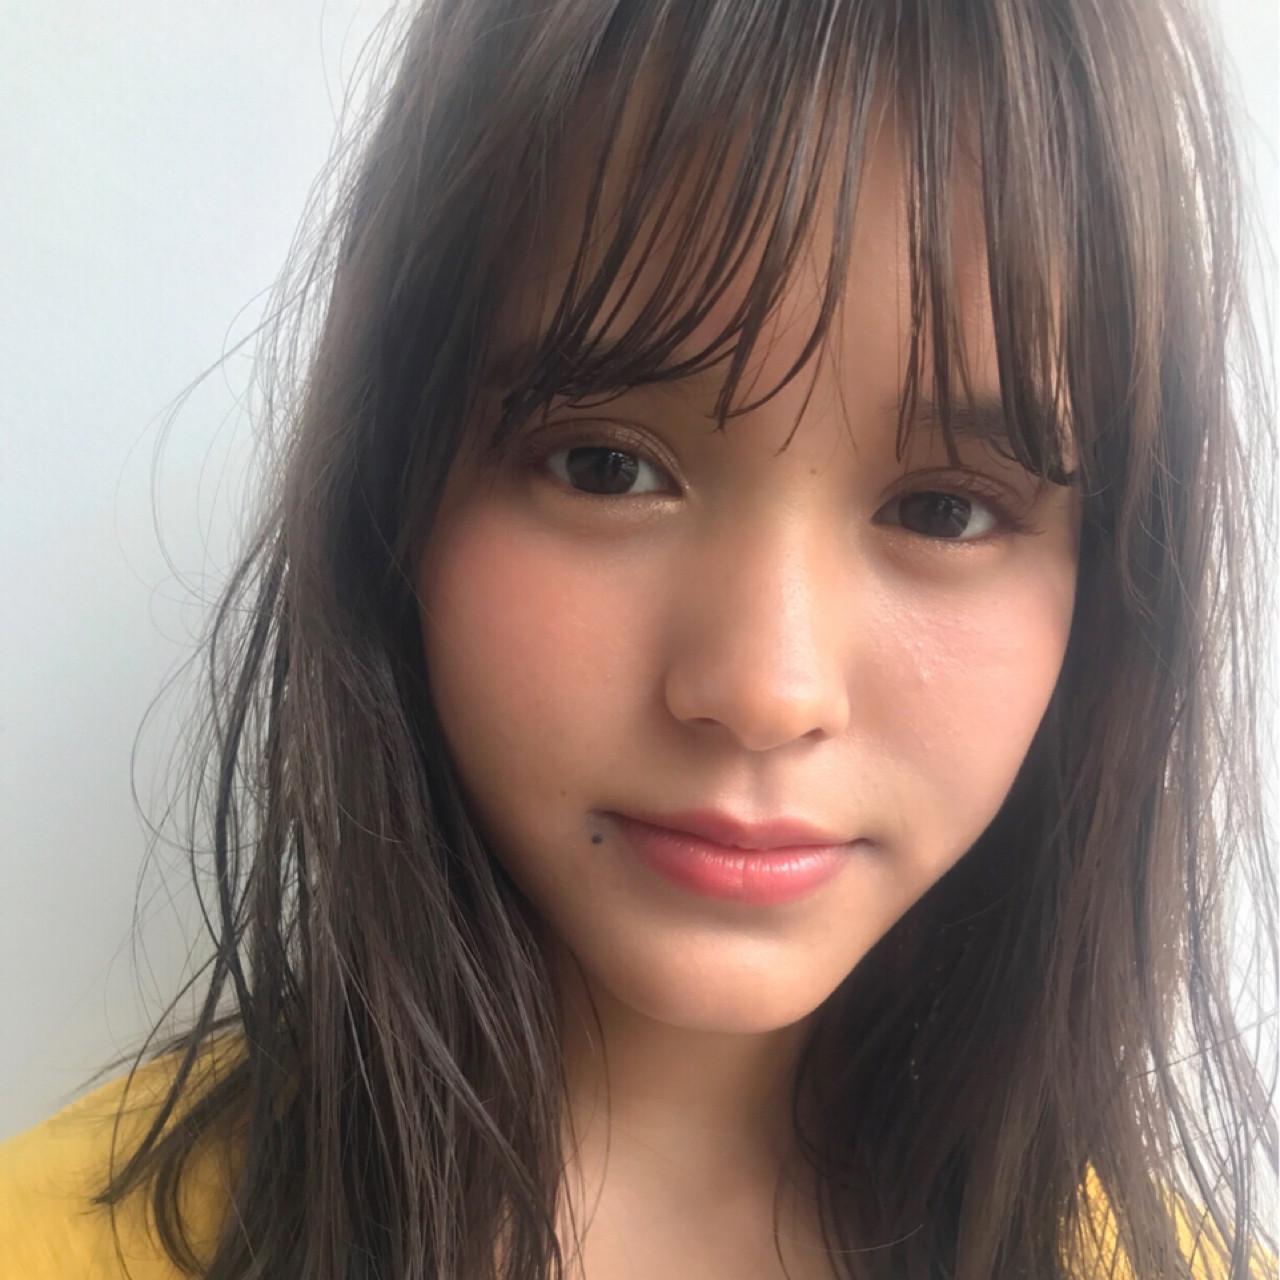 前髪あり アッシュ 外国人風 ストリート ヘアスタイルや髪型の写真・画像 | 馬橋達佳 / log